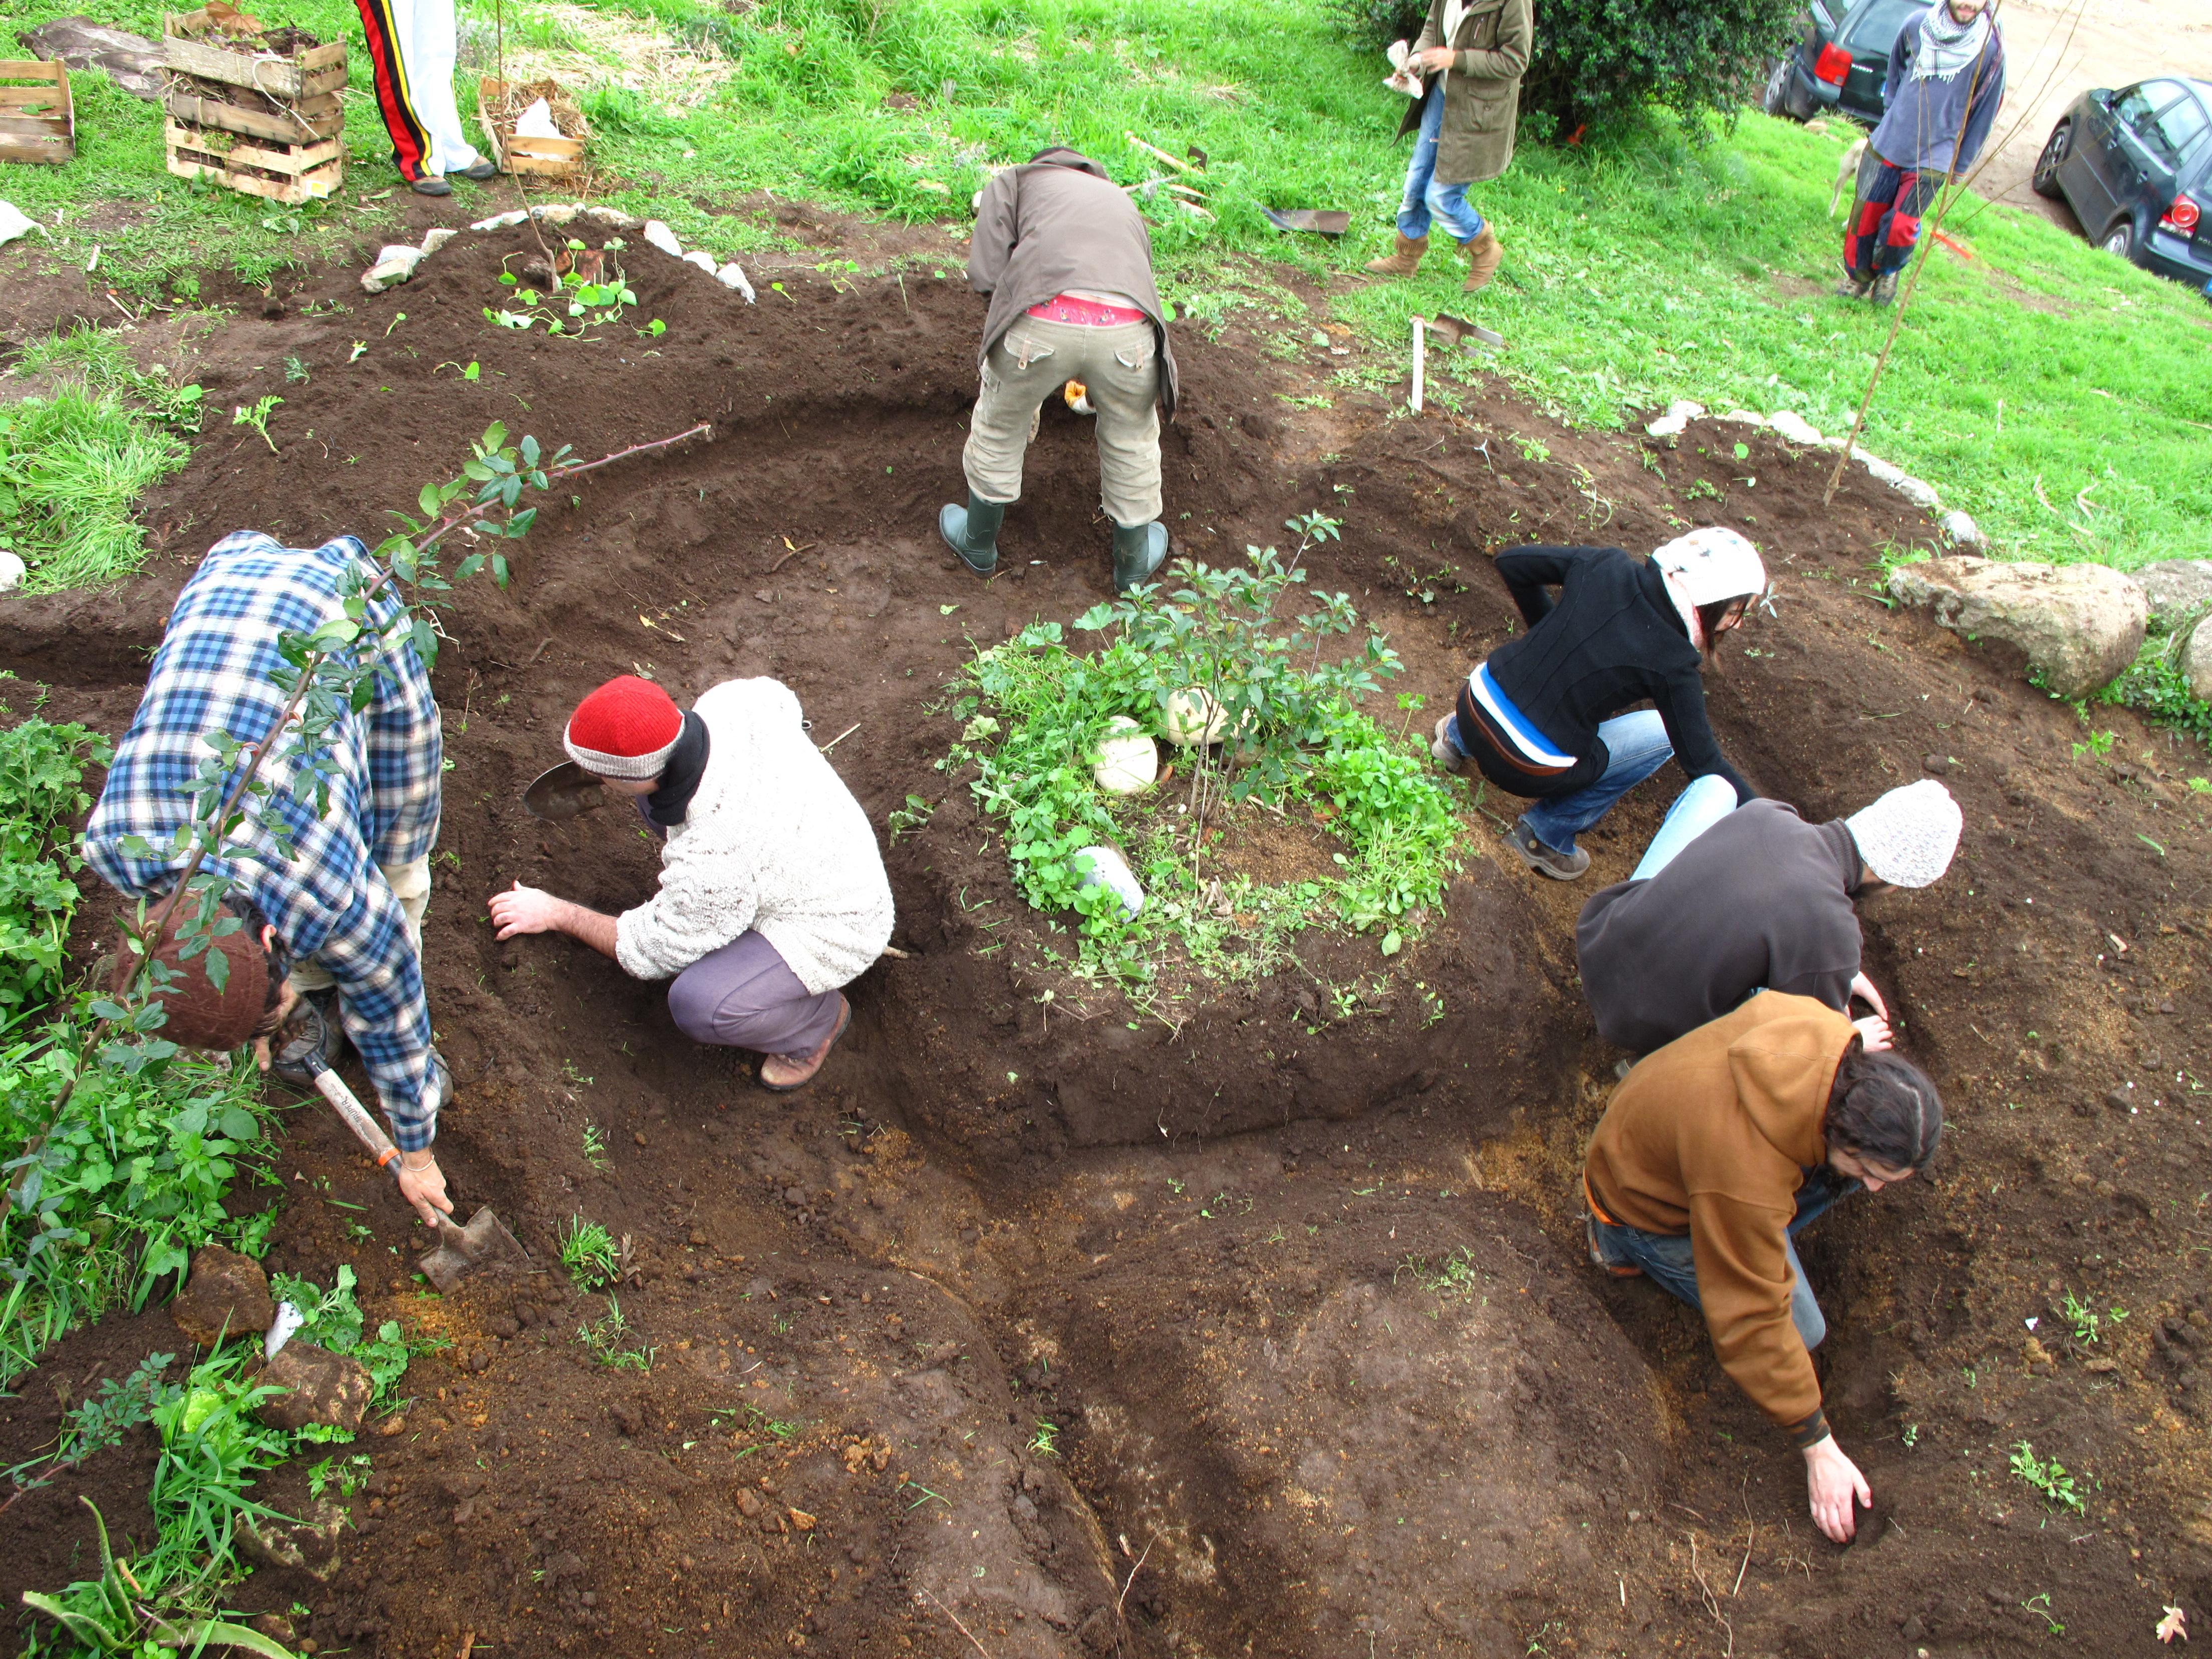 rain garden digging at escola de terra pdc permaculture portugal  